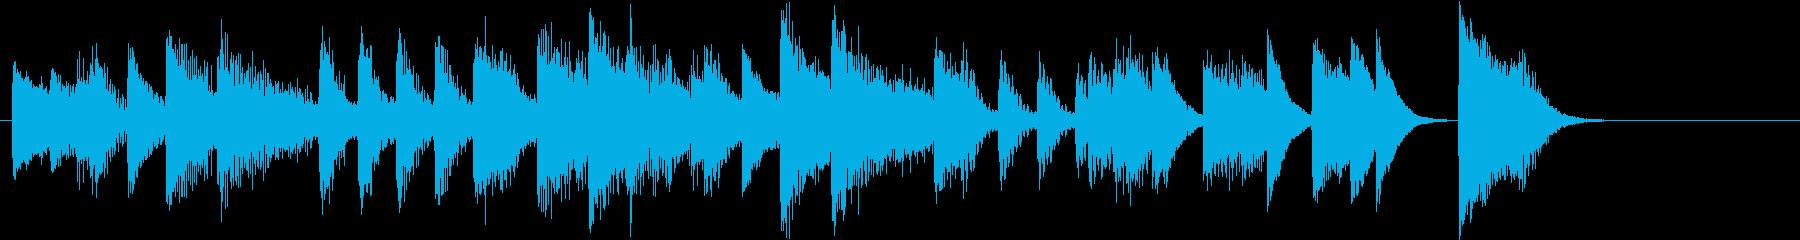 アップテンポクールジャズのピアノジングルの再生済みの波形